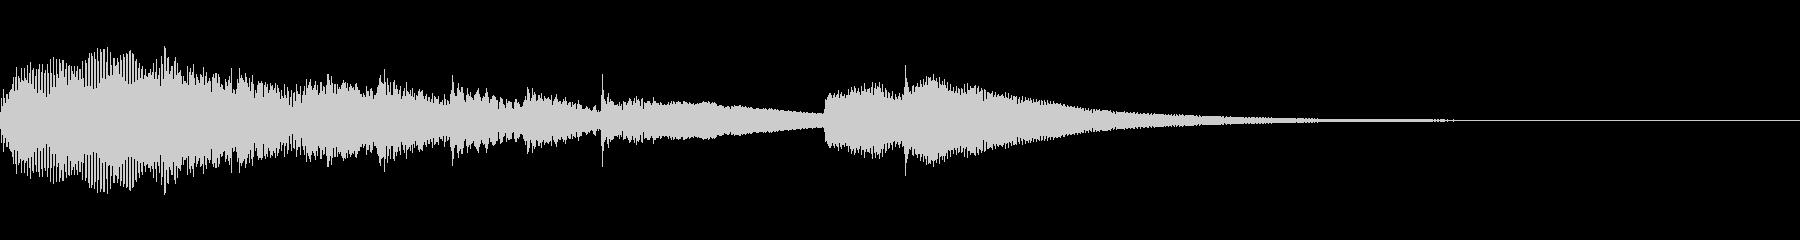 シンプルなチャイムの未再生の波形